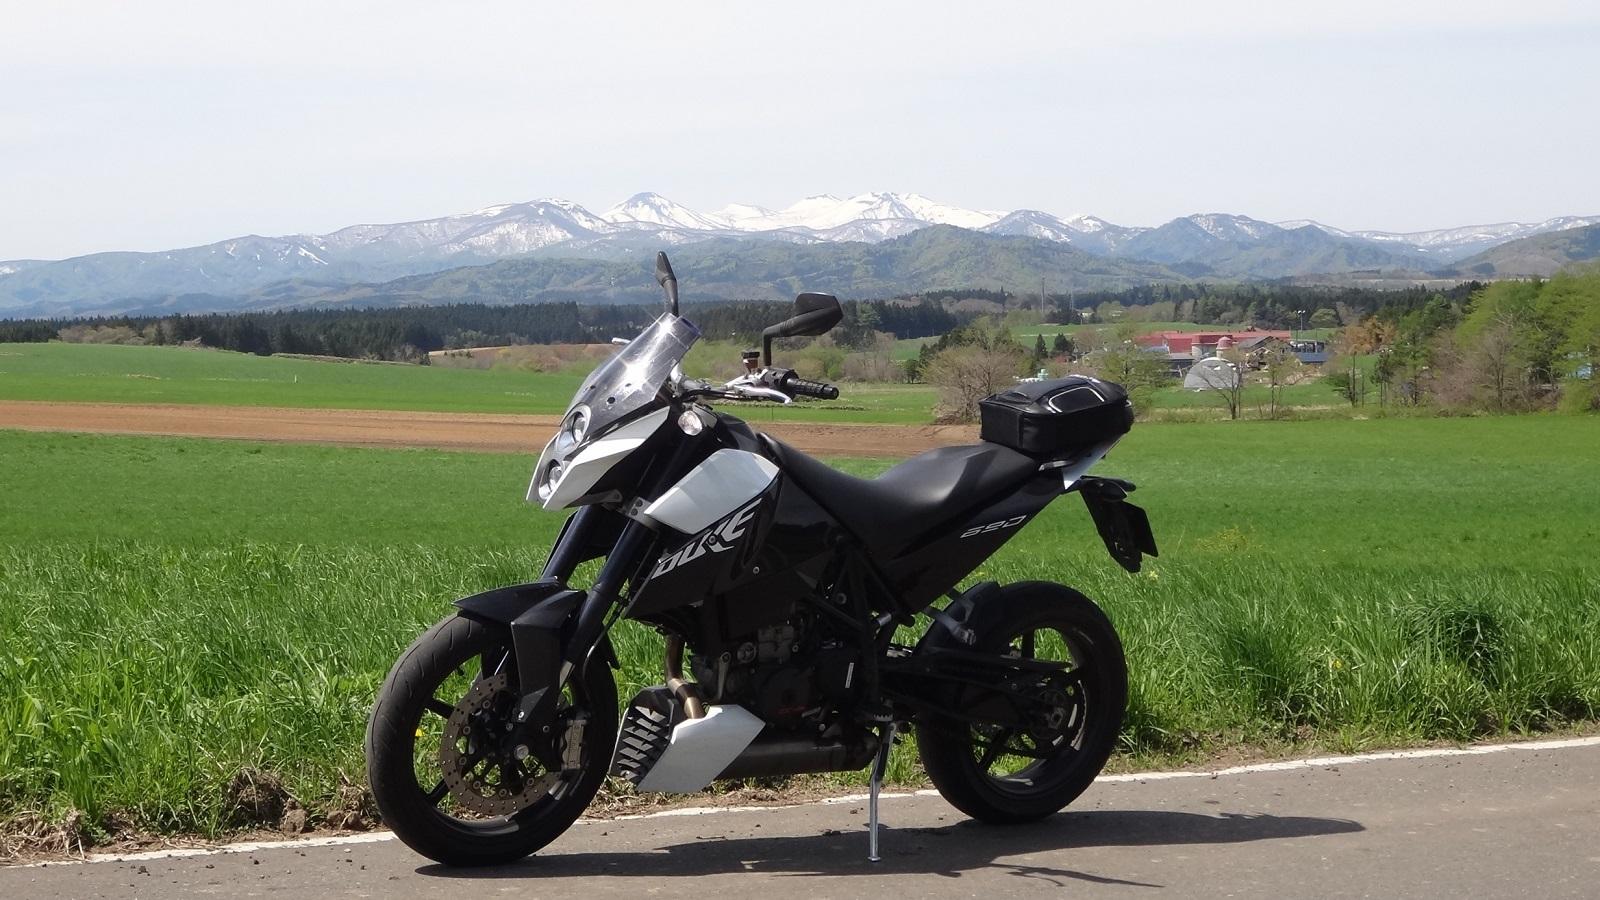 今年の初八甲田山 with 690Duke それから Gerhon 3+_f0004270_21414285.jpg